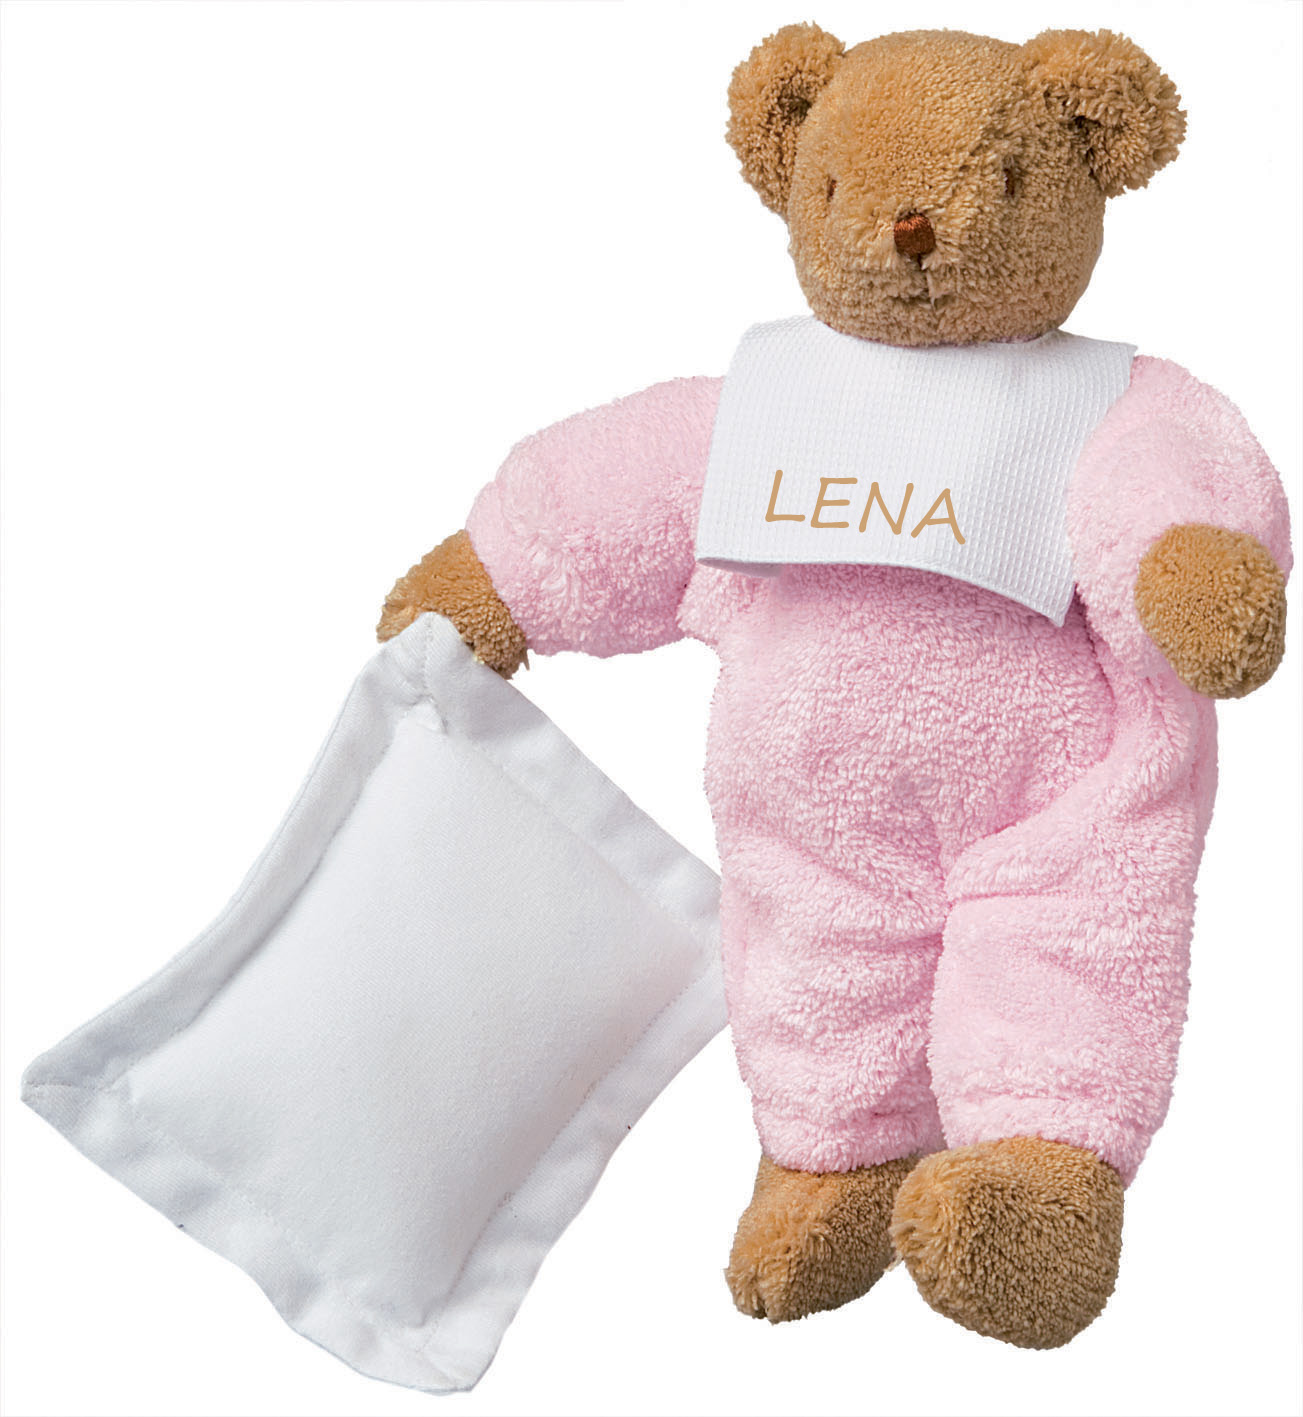 Babygeschenke taufgeschenke geschenke geburt spielzeug - Personalisiertes kuscheltier ...